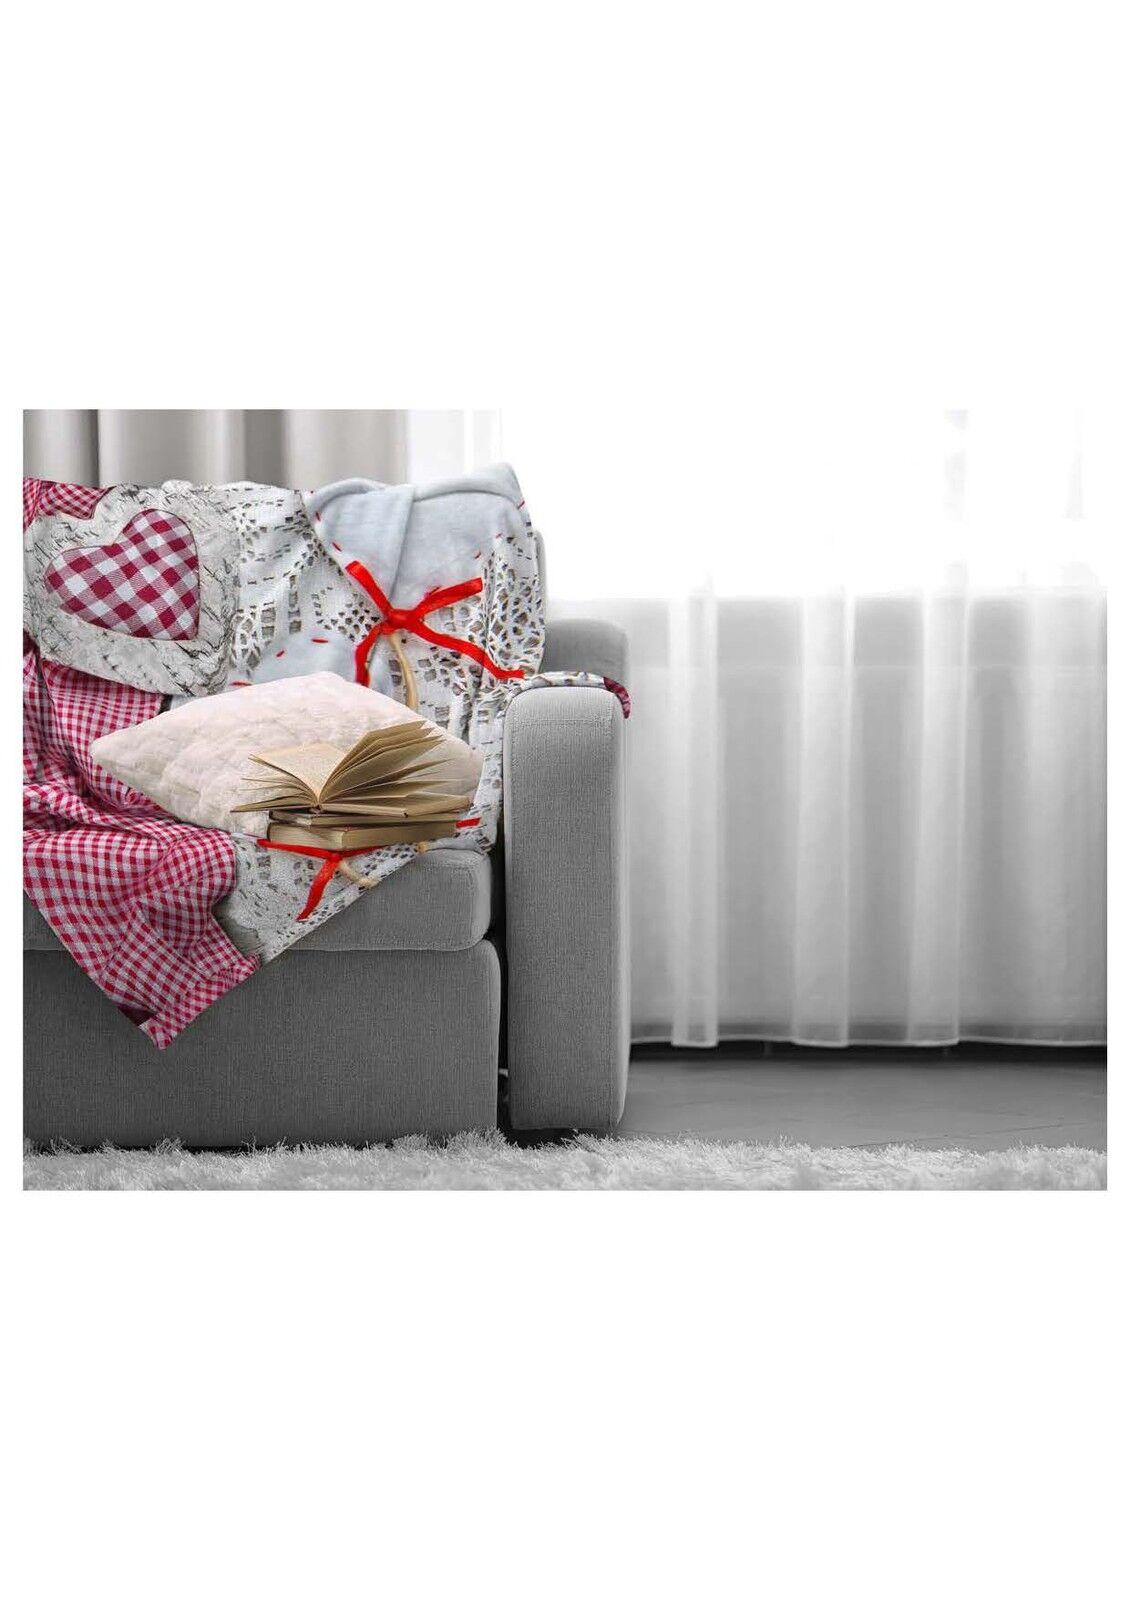 Poliestere Bianco//beige 150 x 200 cm Brand sseller flanella coperta con cuore stampato 150/x 200/cm